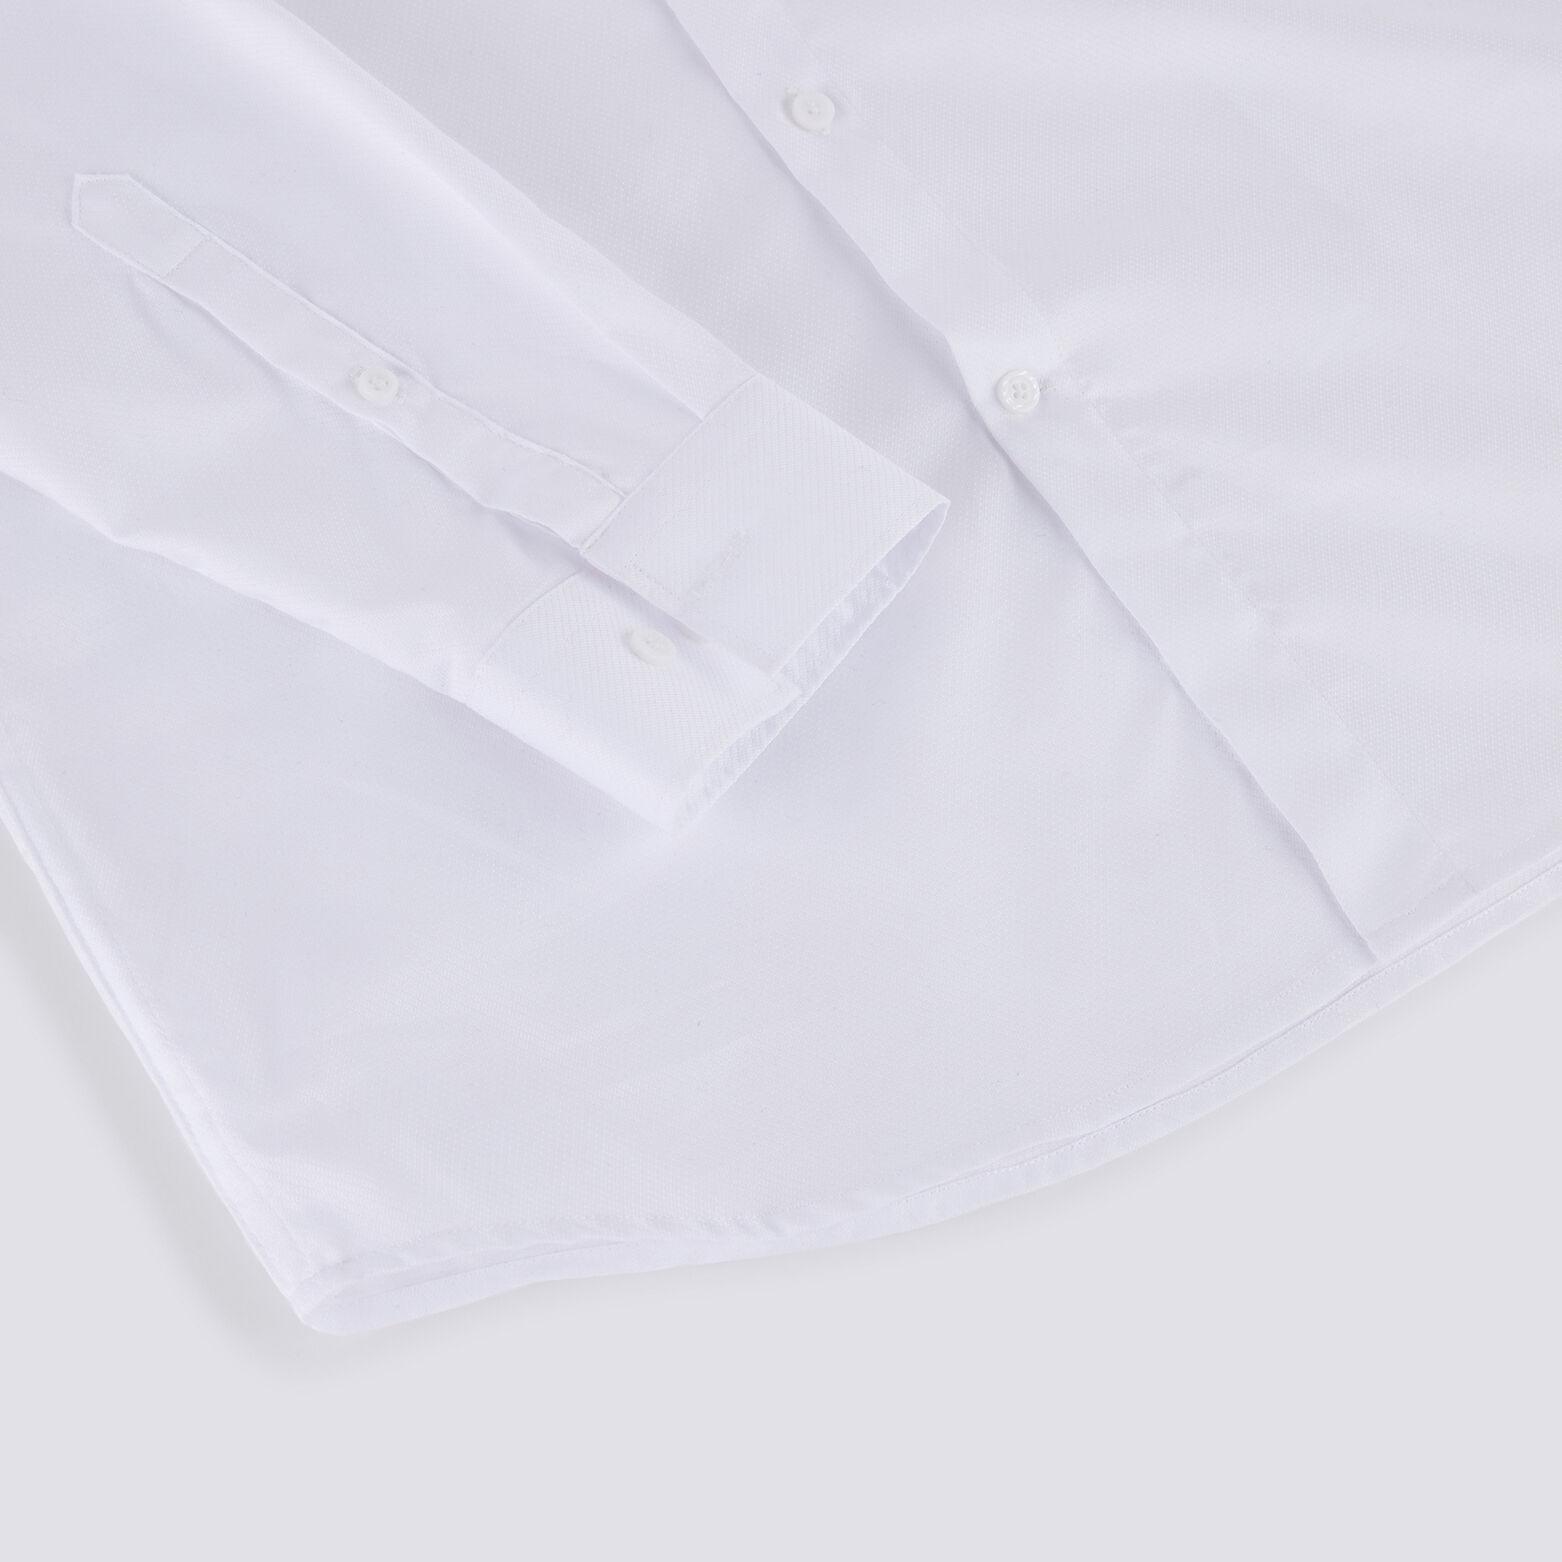 Chemise slim repassage facile Stay black/white en